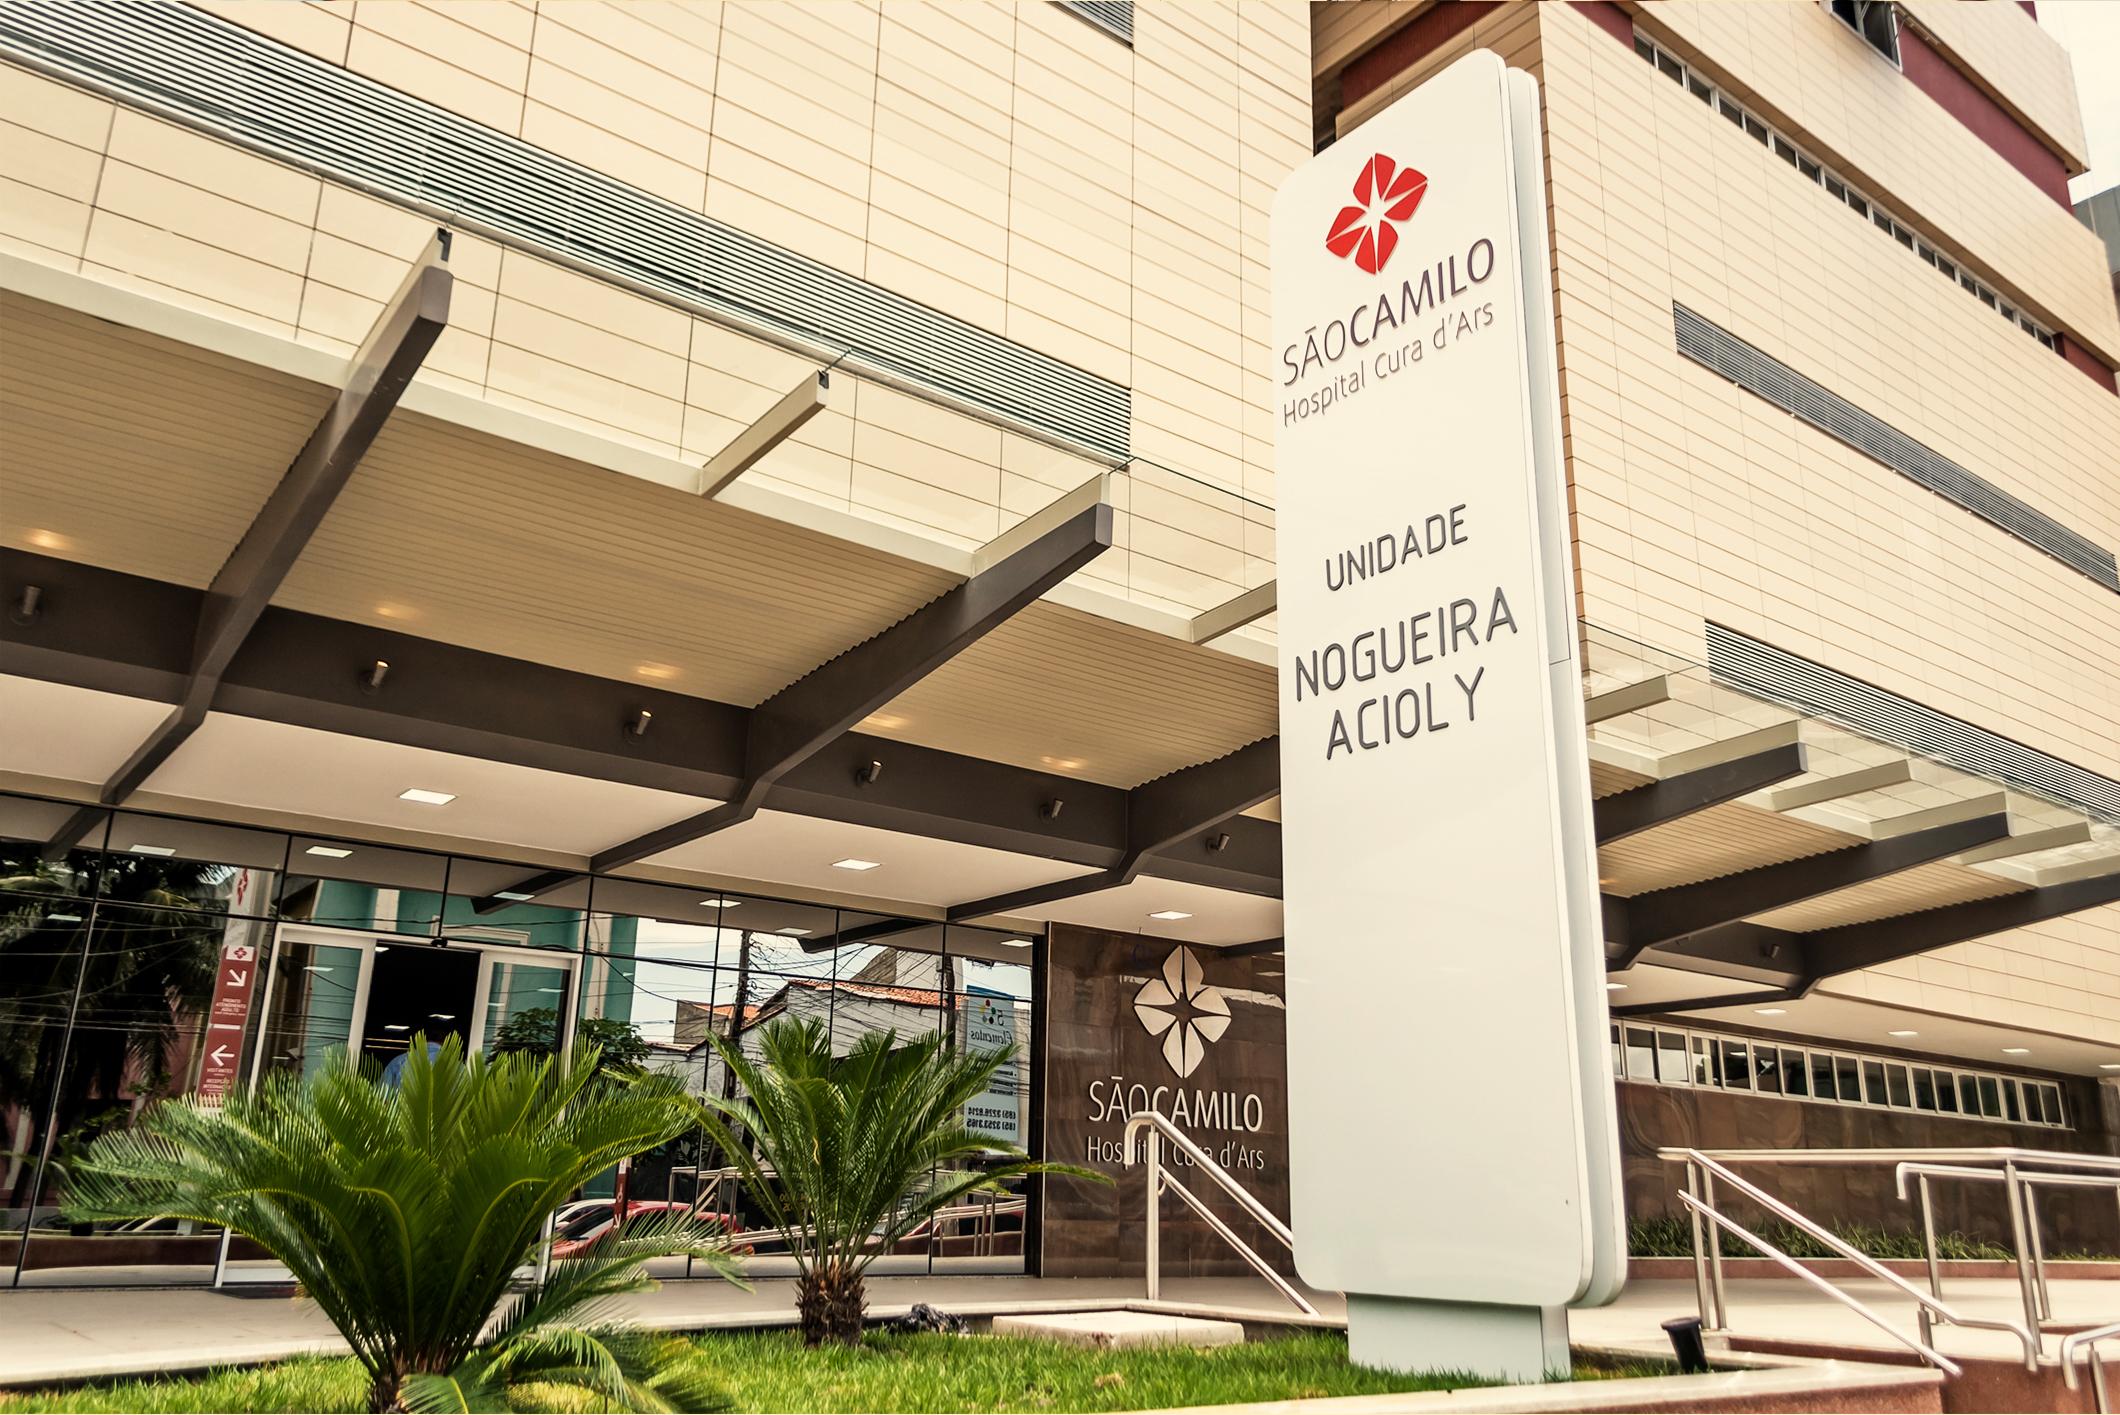 Hospital São Camilo Cura d Ars promove evento interno em prol da campanha   Setembro Amarelo – mês de prevenção ao suicídio 0a88427d0b